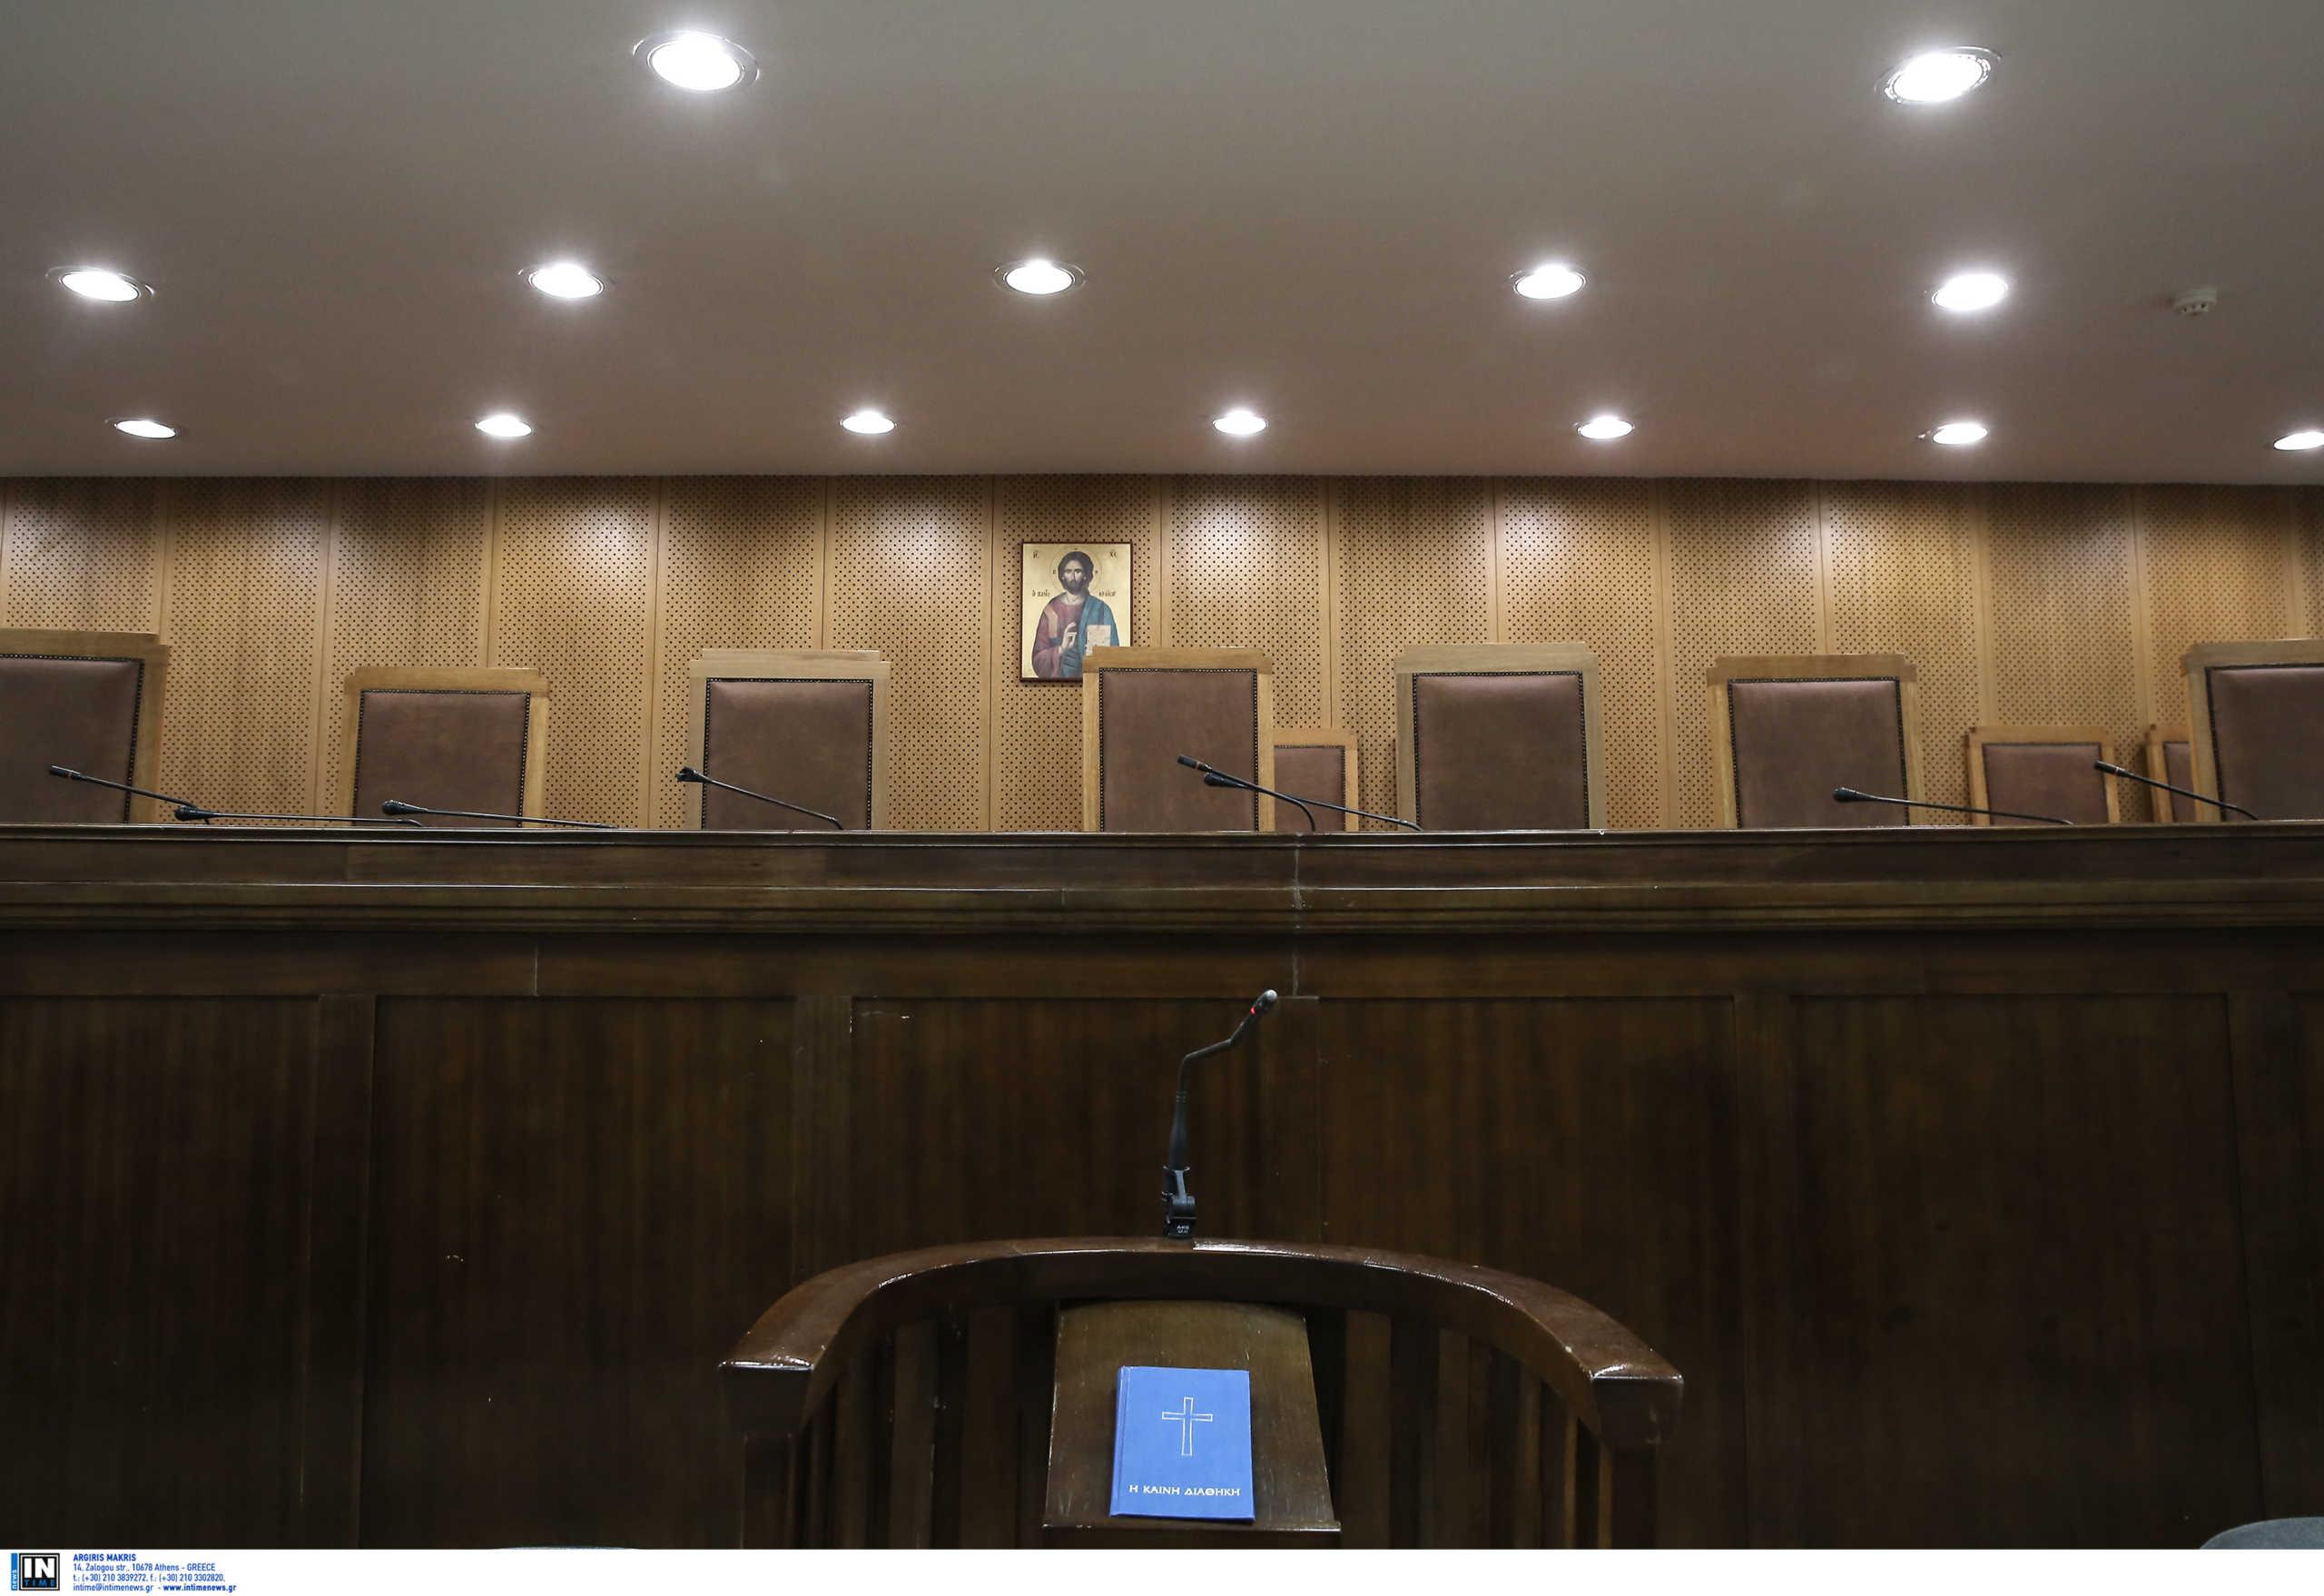 Αναστολή λειτουργίας στα δικαστήρια στη Θεσσαλονίκη και τη Λάρισα ζητούν οι Διοικητικοί Δικαστές